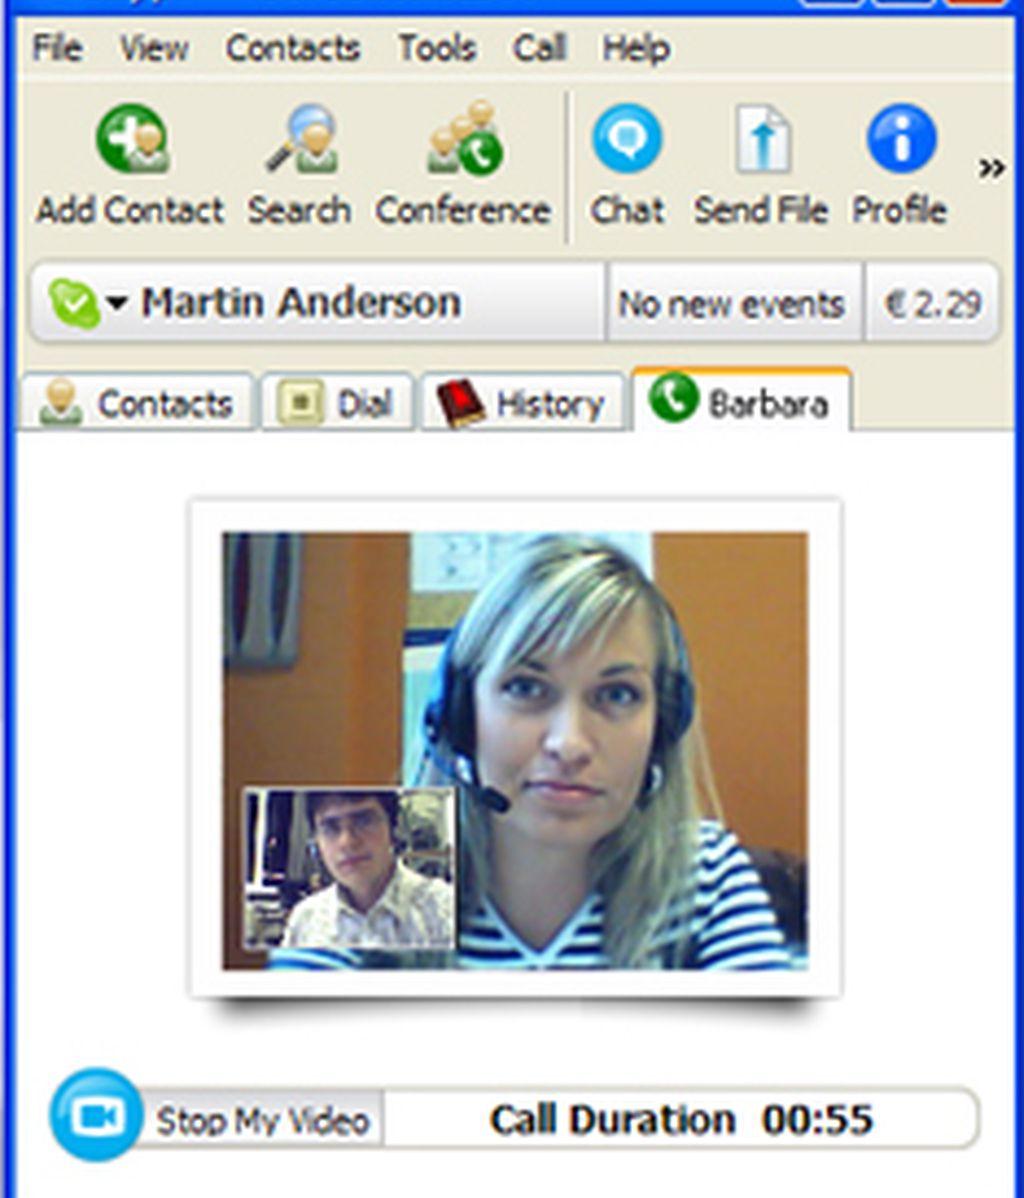 Las especulaciones en el sector tecnológico indican que Microsoft estaría interesado en Skype, la empresa que domina el sector VoIP.